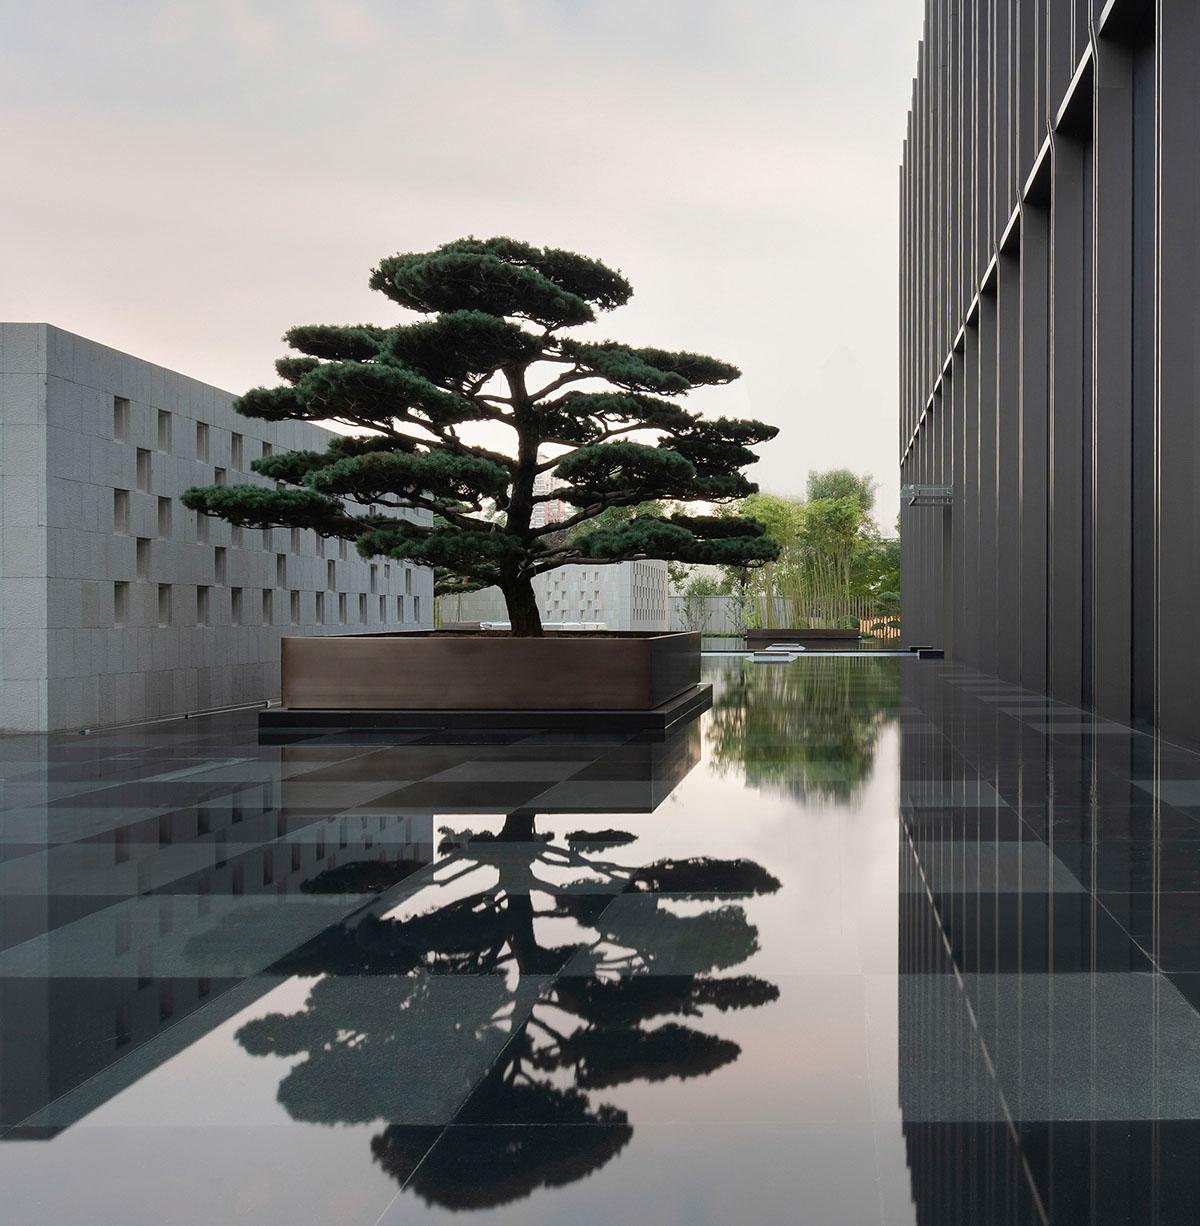 湖南浩安公装公司厂房装修资讯知识长沙县厂房装修要简洁实用性强的设计